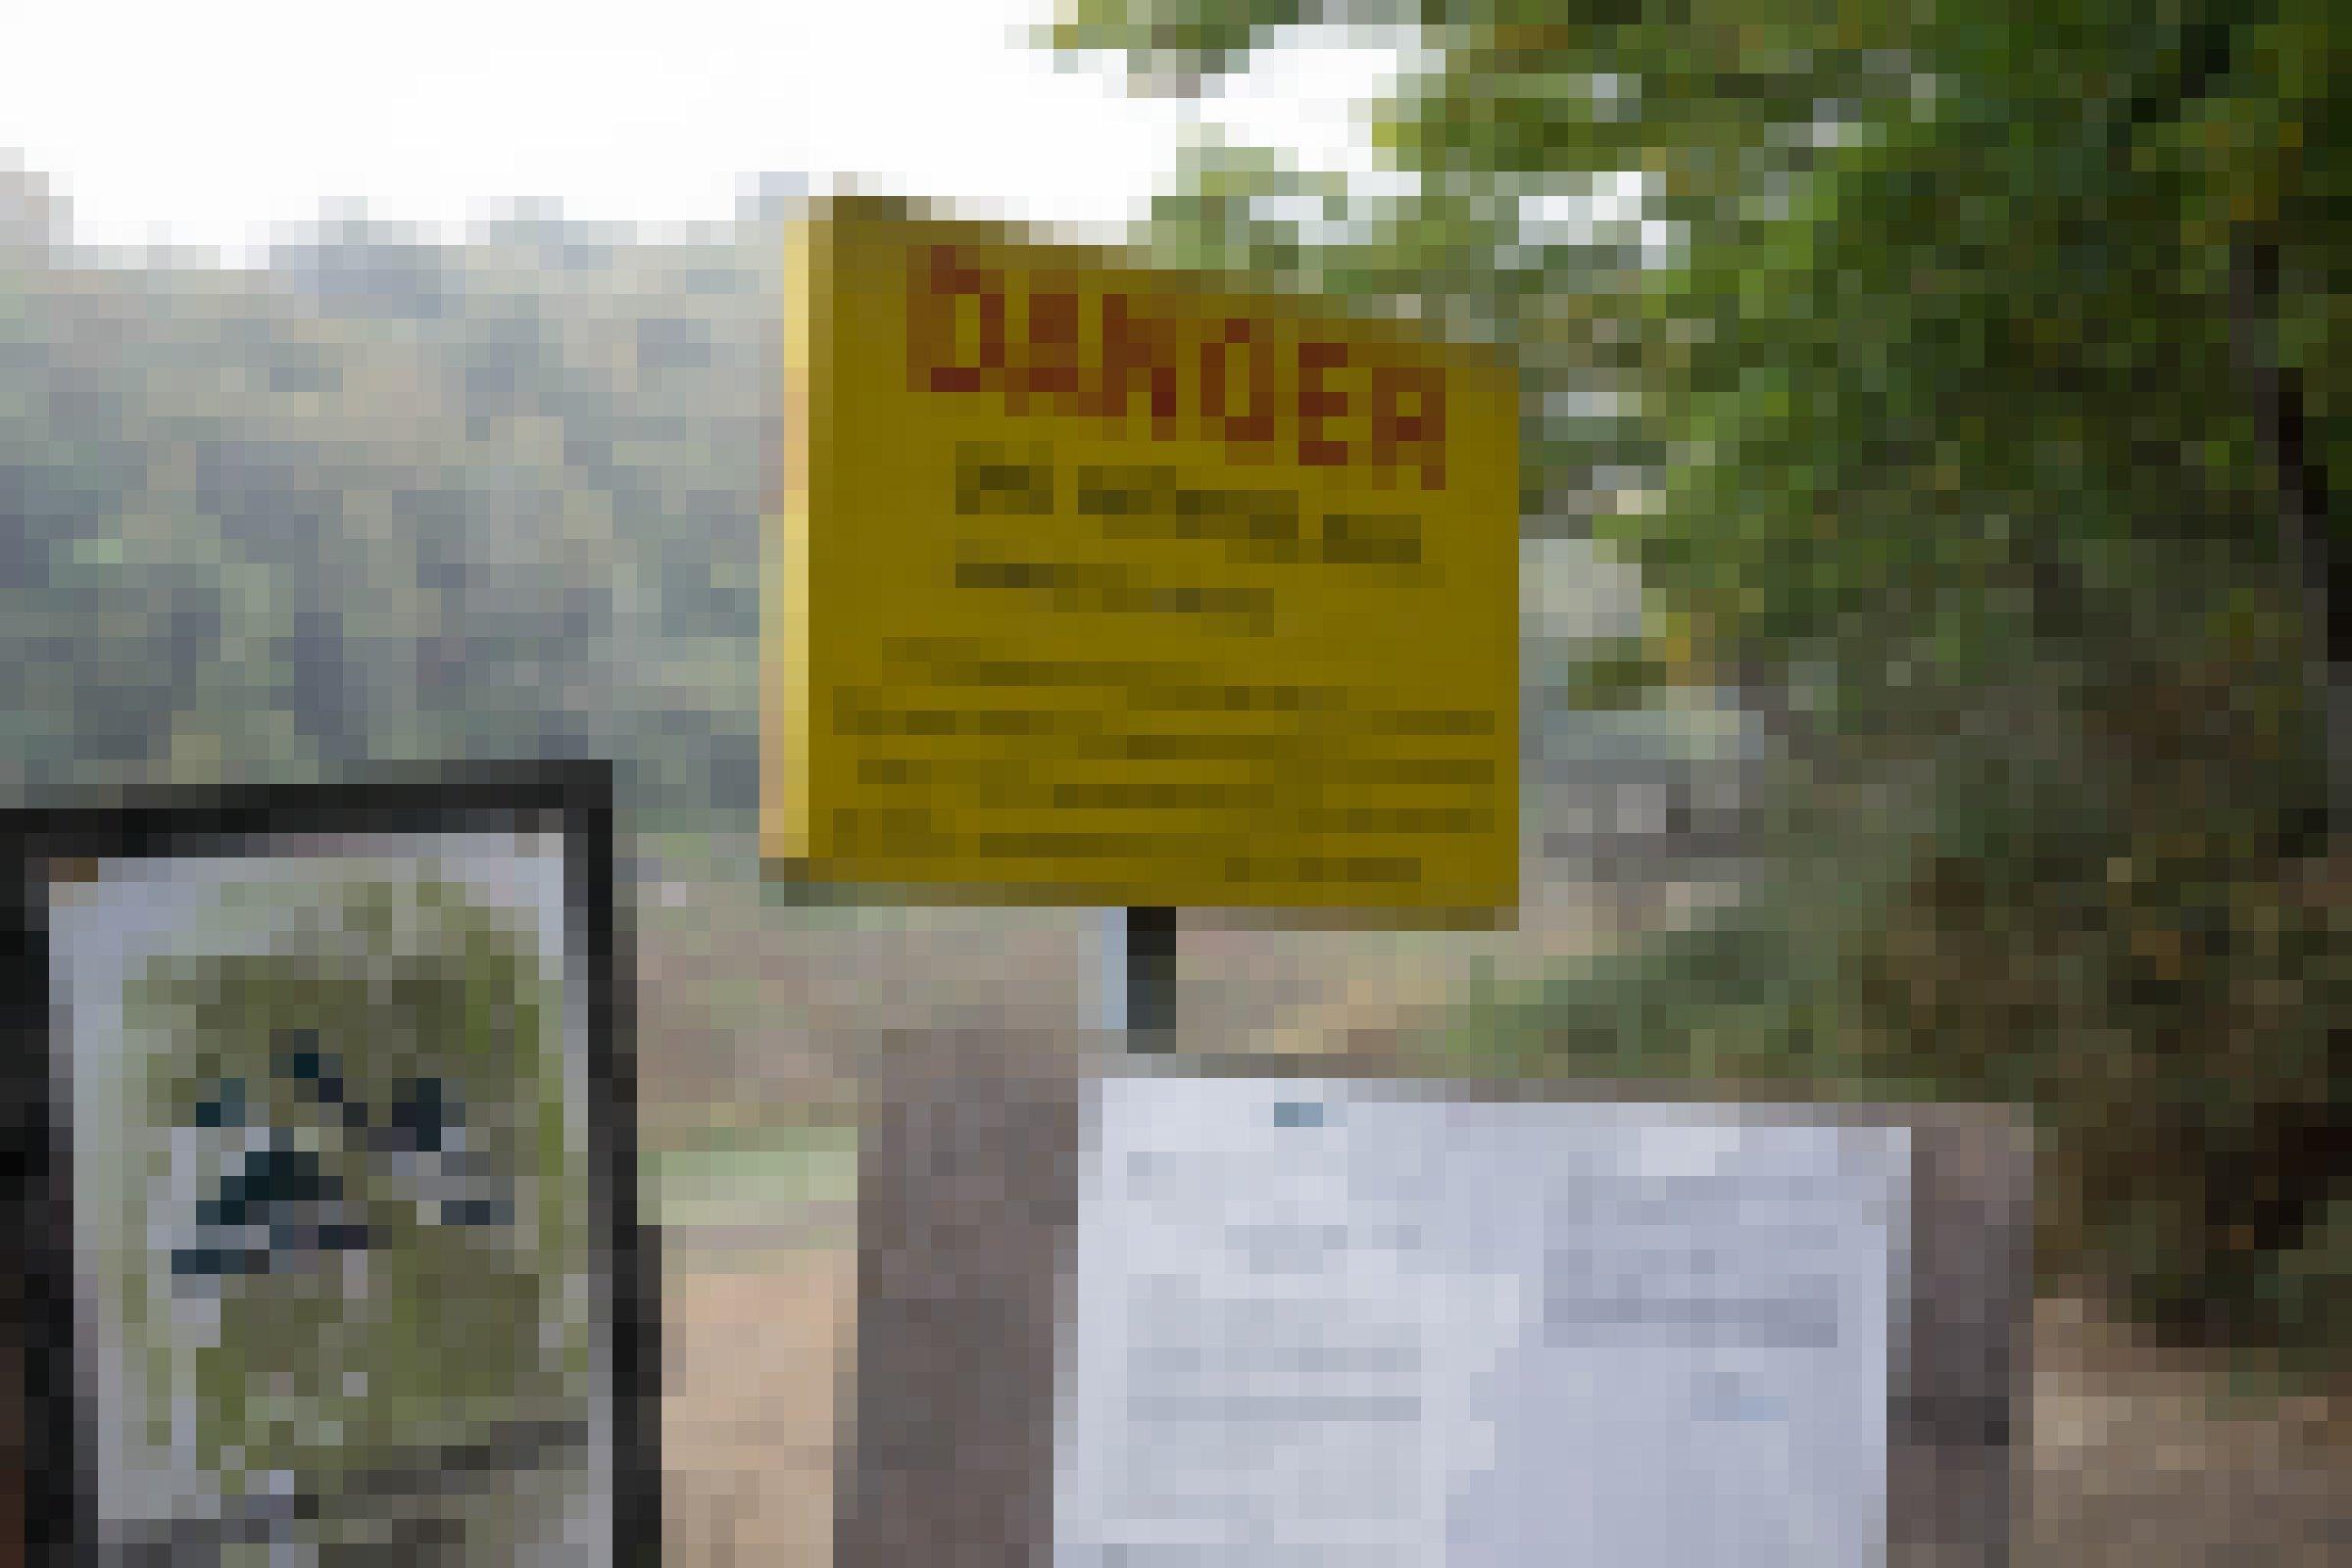 Schilder verbieten das Baden und Boot fahren im Stausee